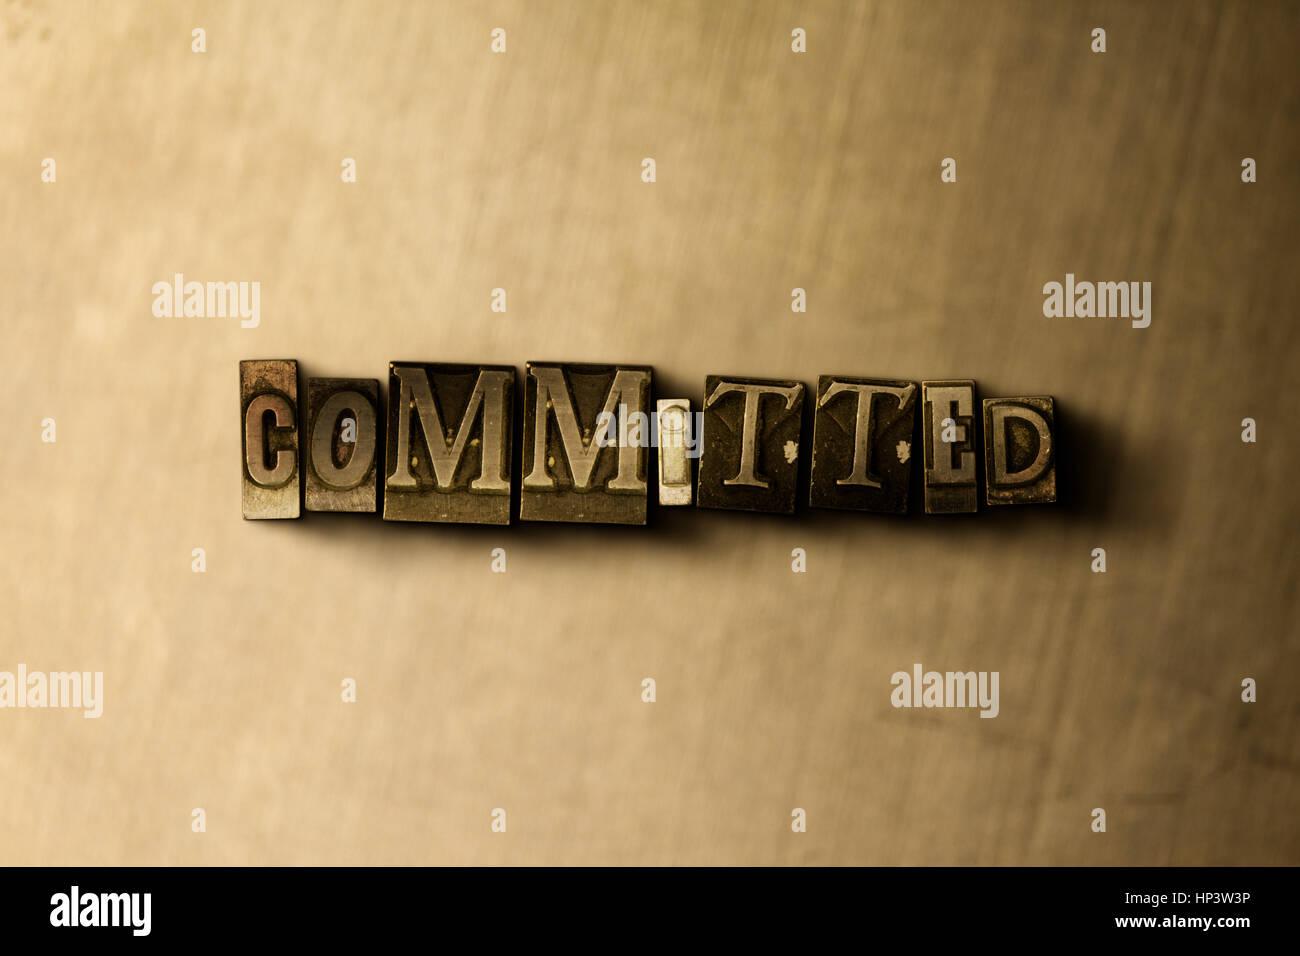 Impegnati - close-up di grungy vintage parola stampate su uno sfondo di metallo. Royalty free stock illustrazione. Immagini Stock